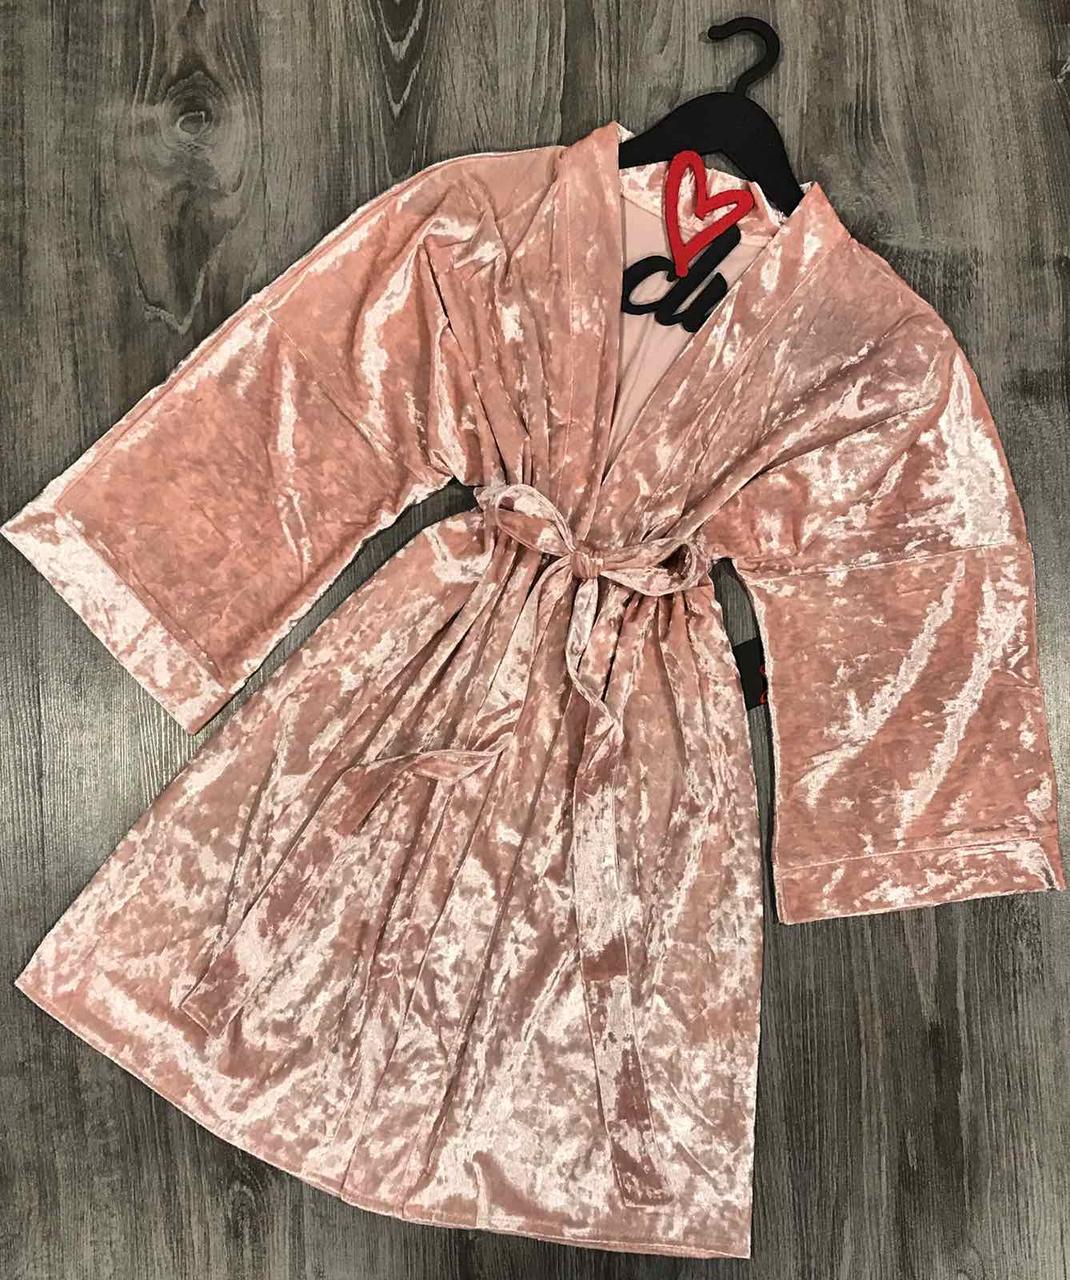 Нежный велюровый халат персикового цвета. Женская домашняя одежда.